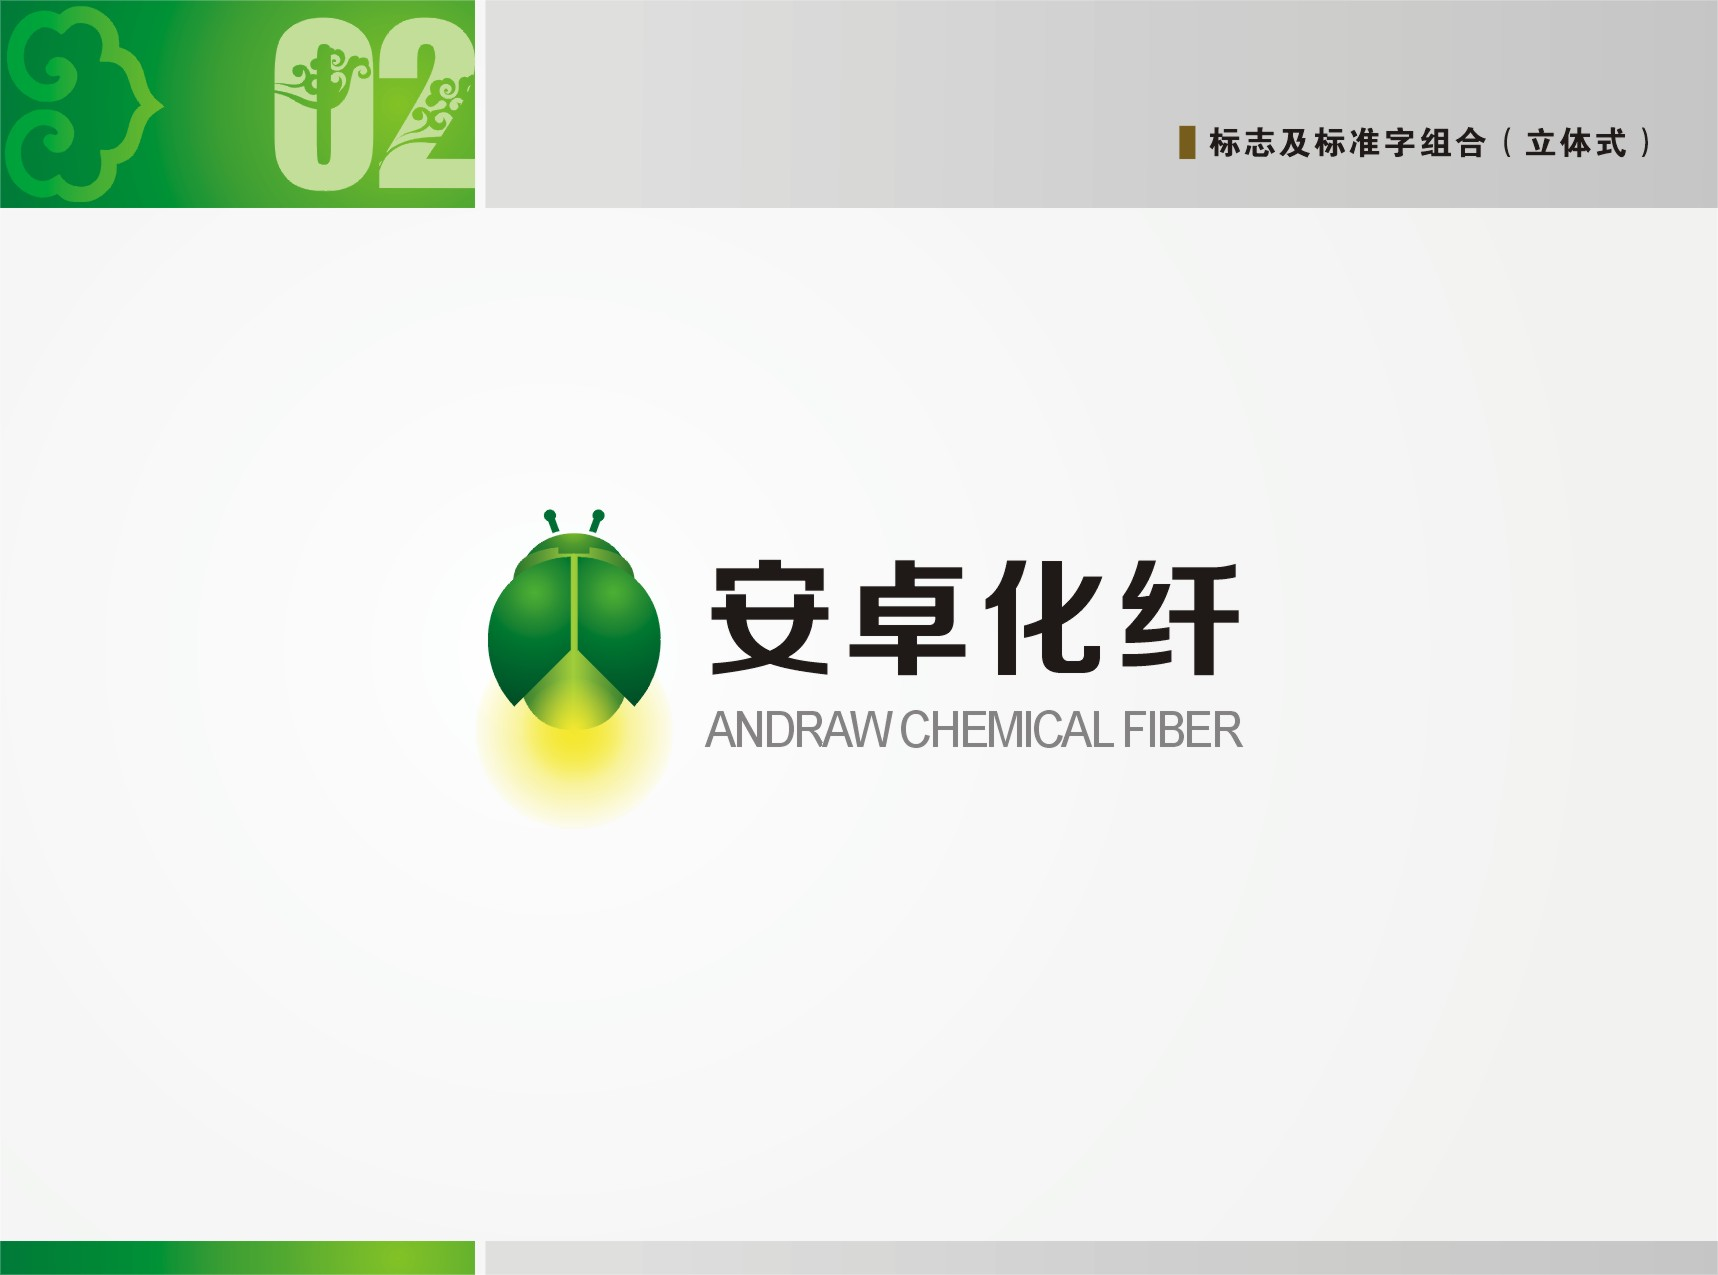 江门市新会区安卓化纤有限公司